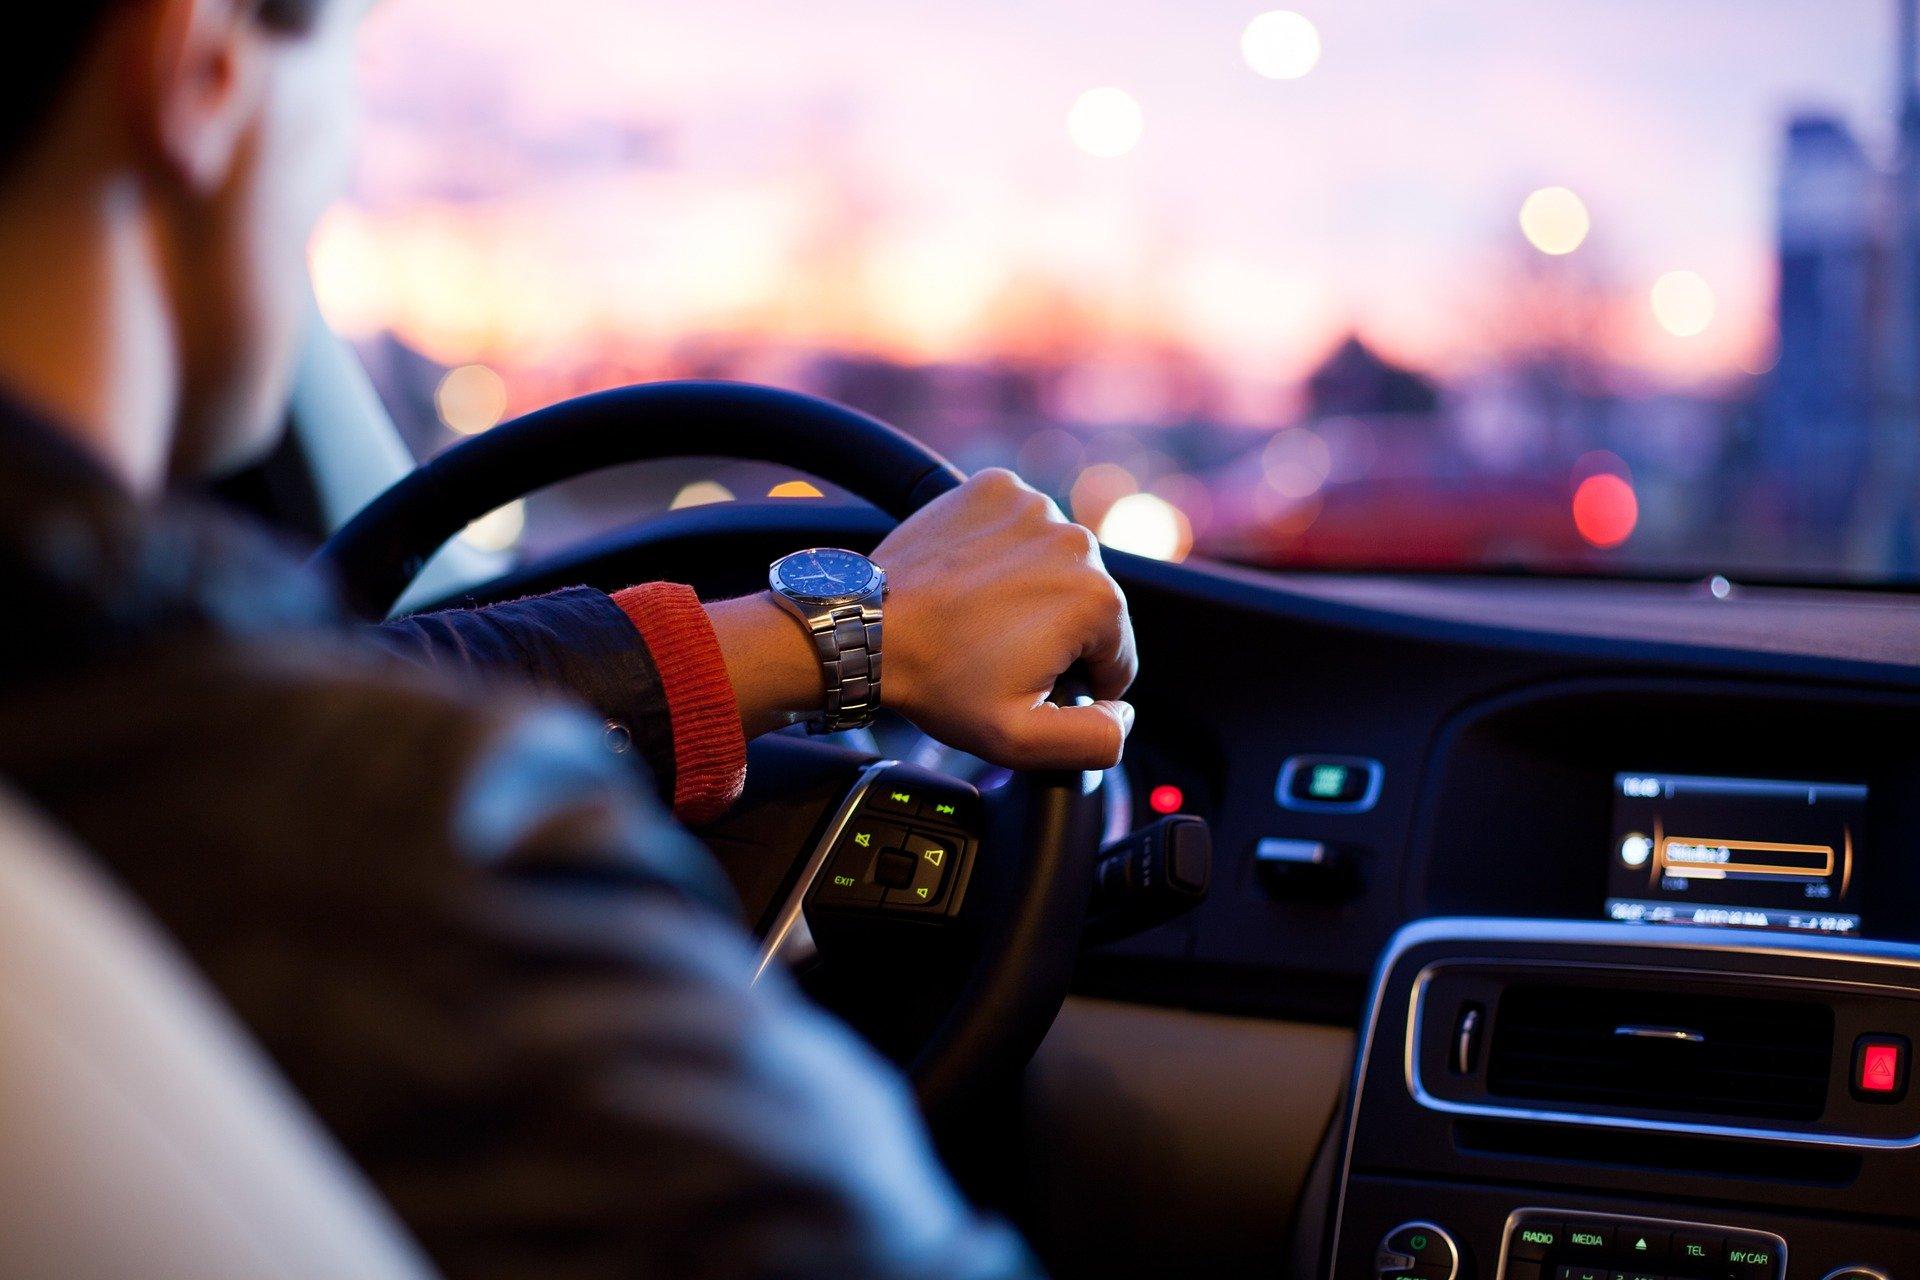 Kompletnie pijany kierowca wiózł nastolatków  - Zdjęcie główne